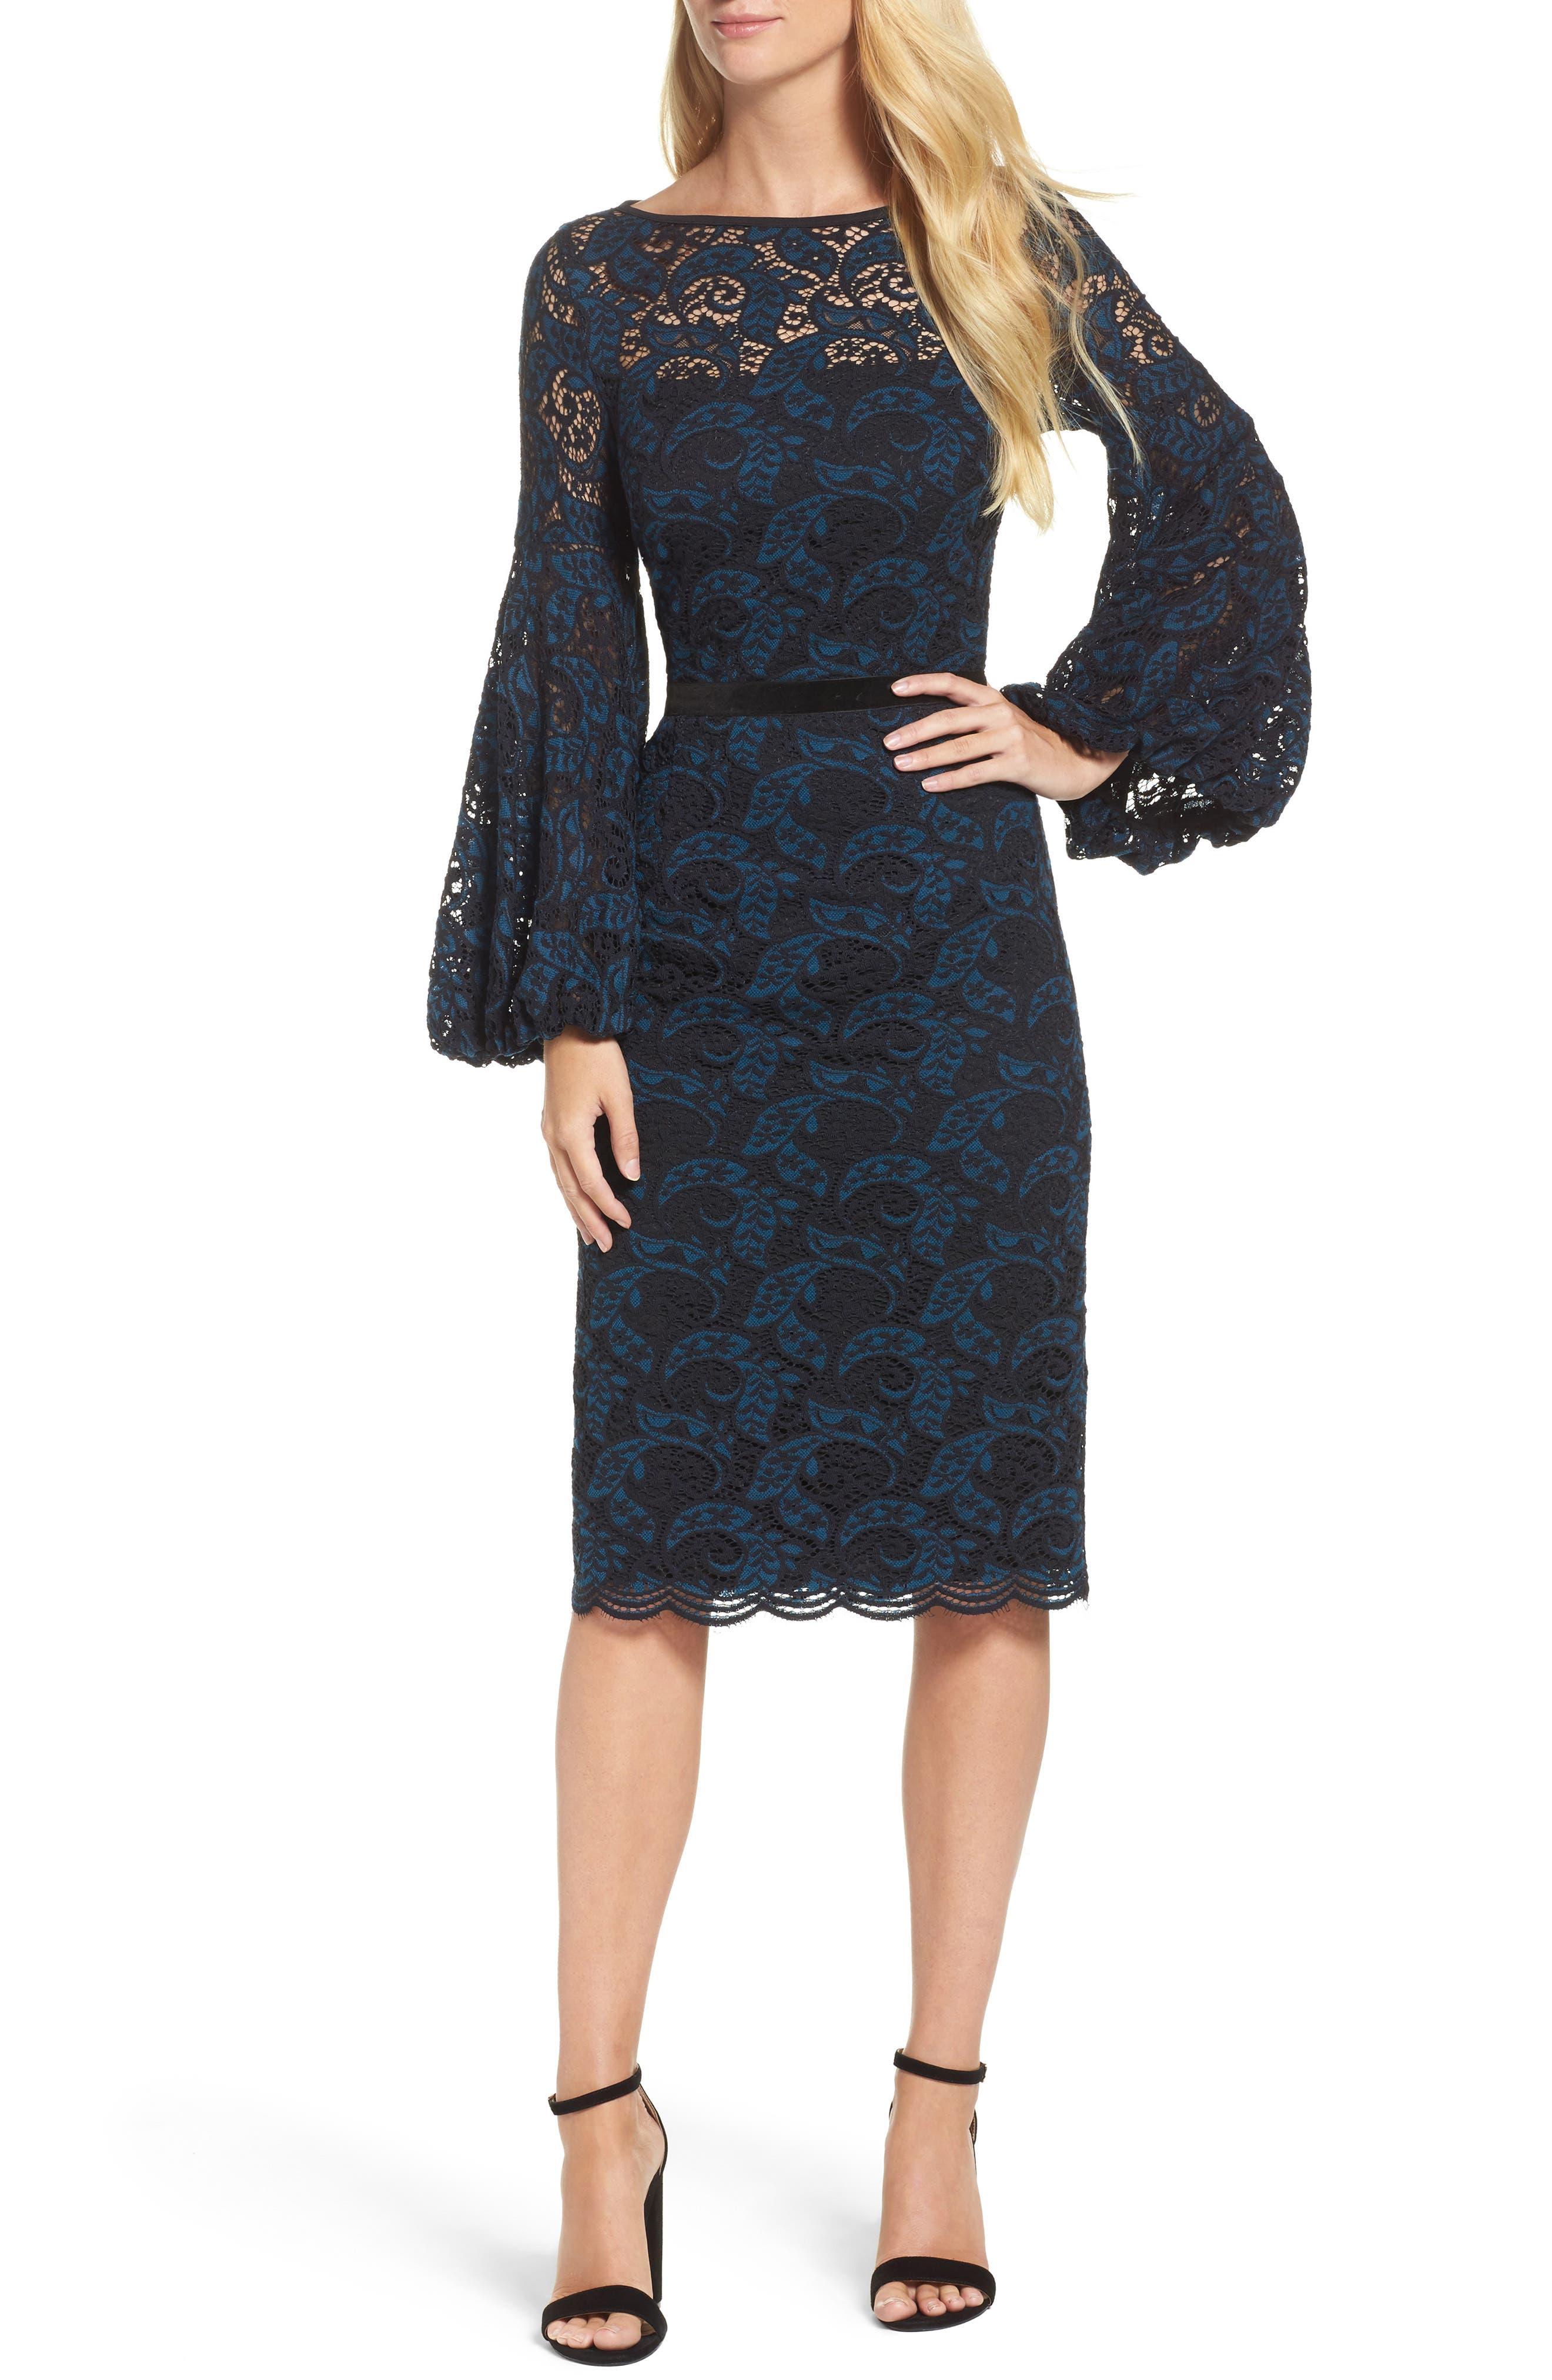 Lace Bishop Sleeve Dress,                         Main,                         color, Blue/ Black